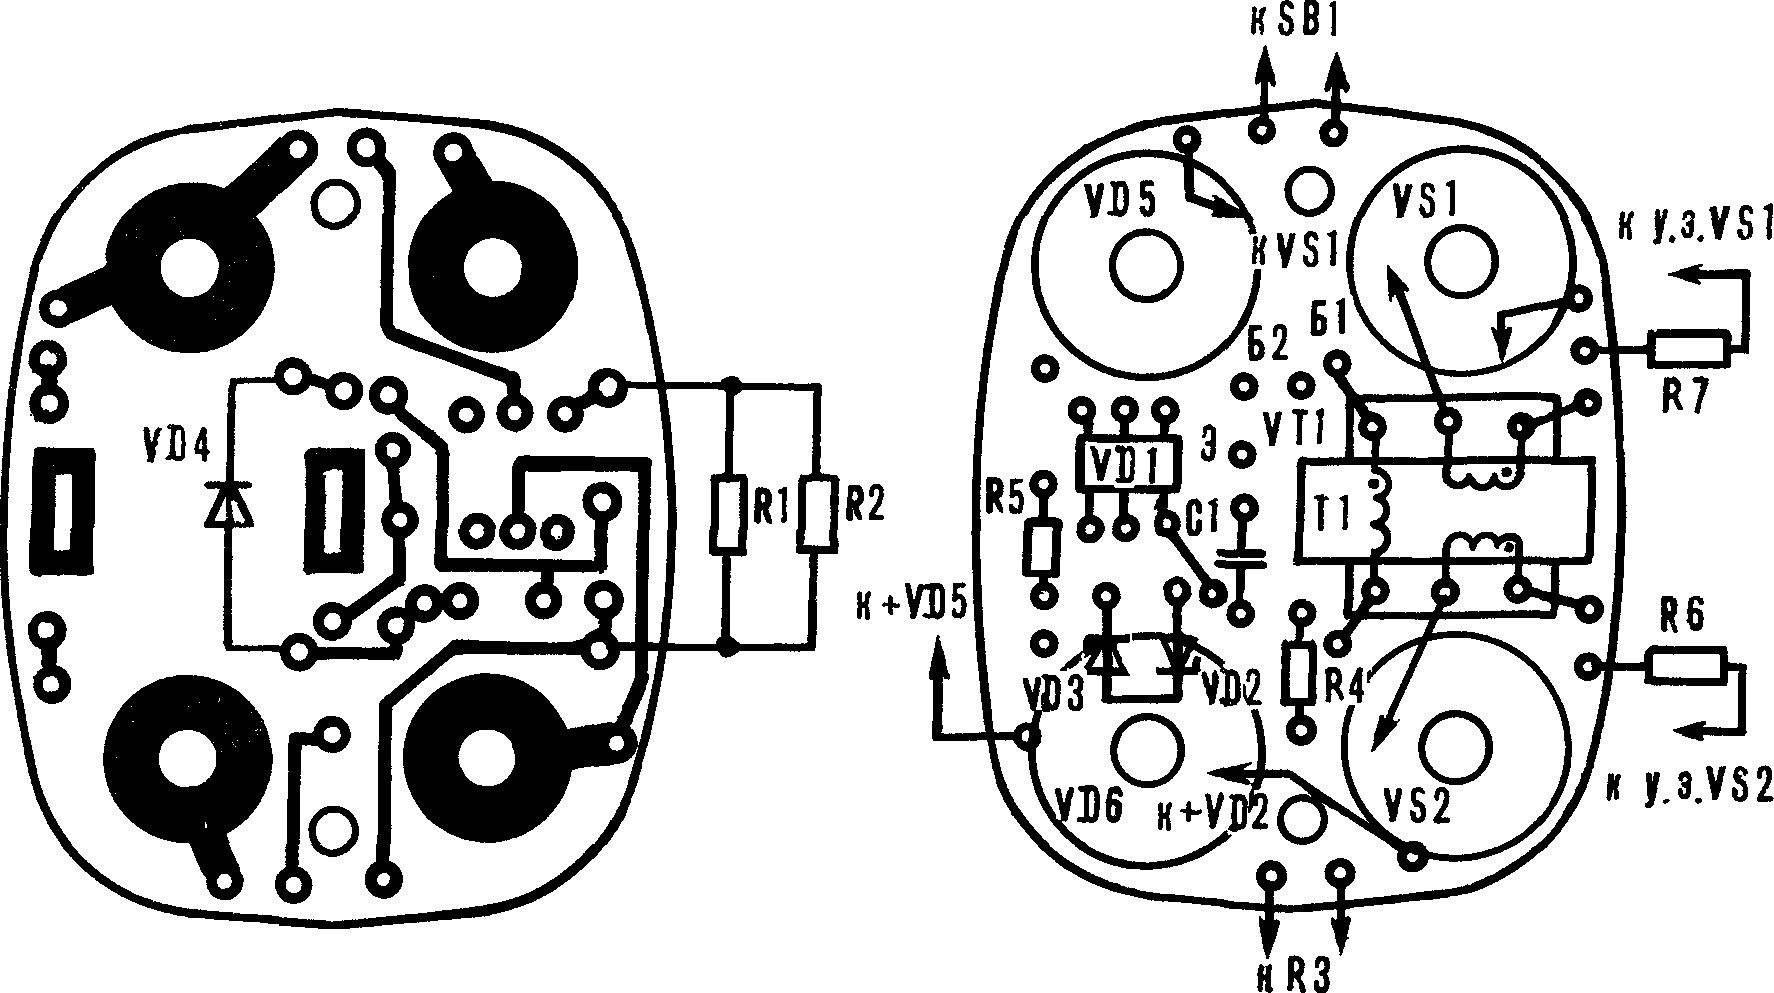 Монтажная плата регулятора со схемой расположения элементов.